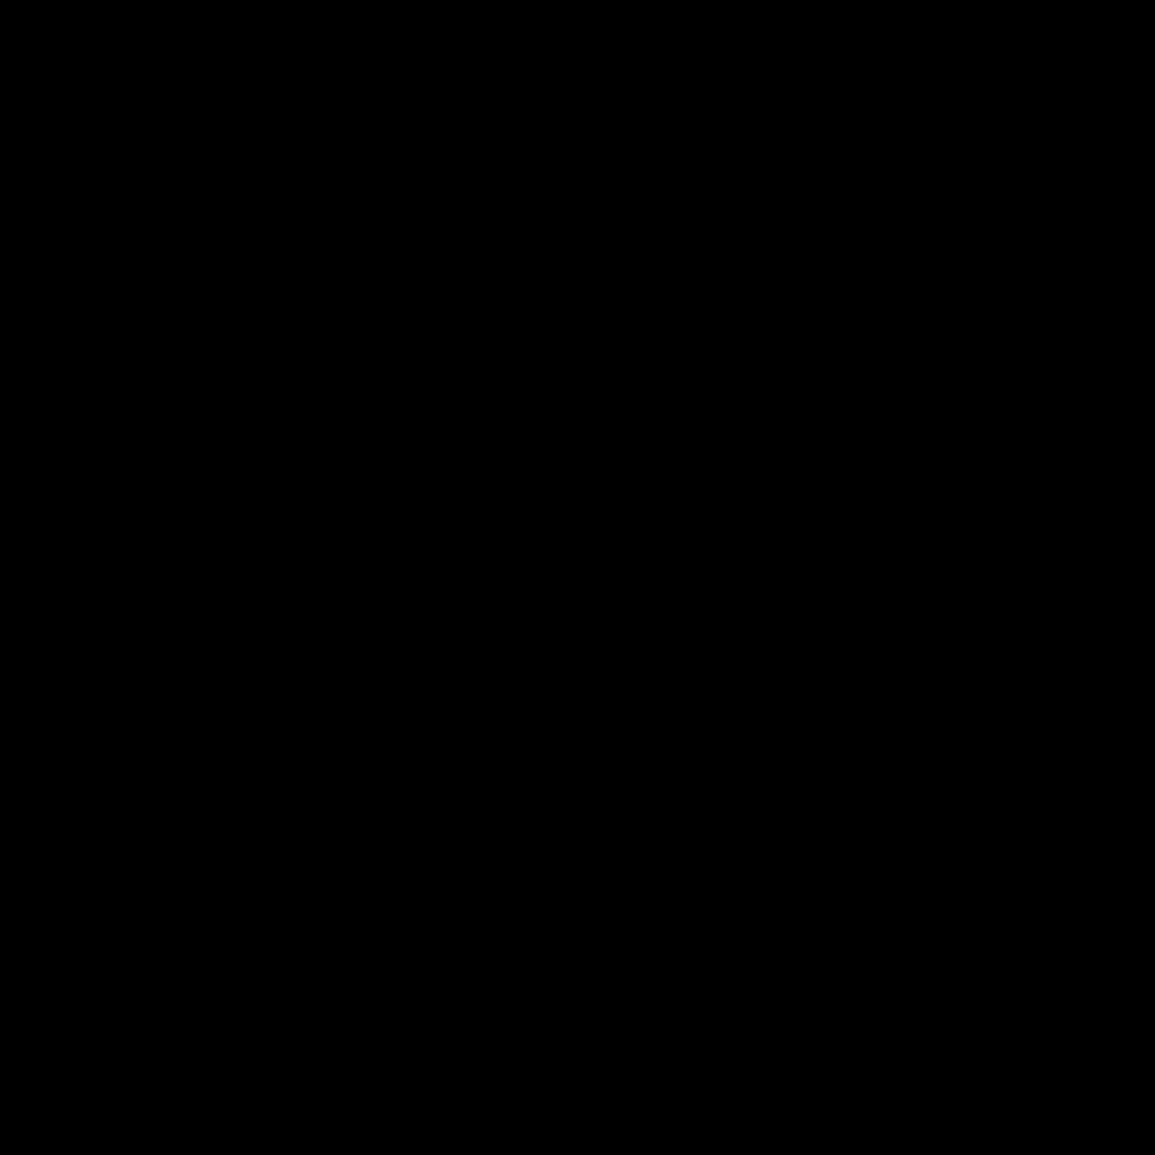 ゴナ D かなC DNAG-C 字形見本